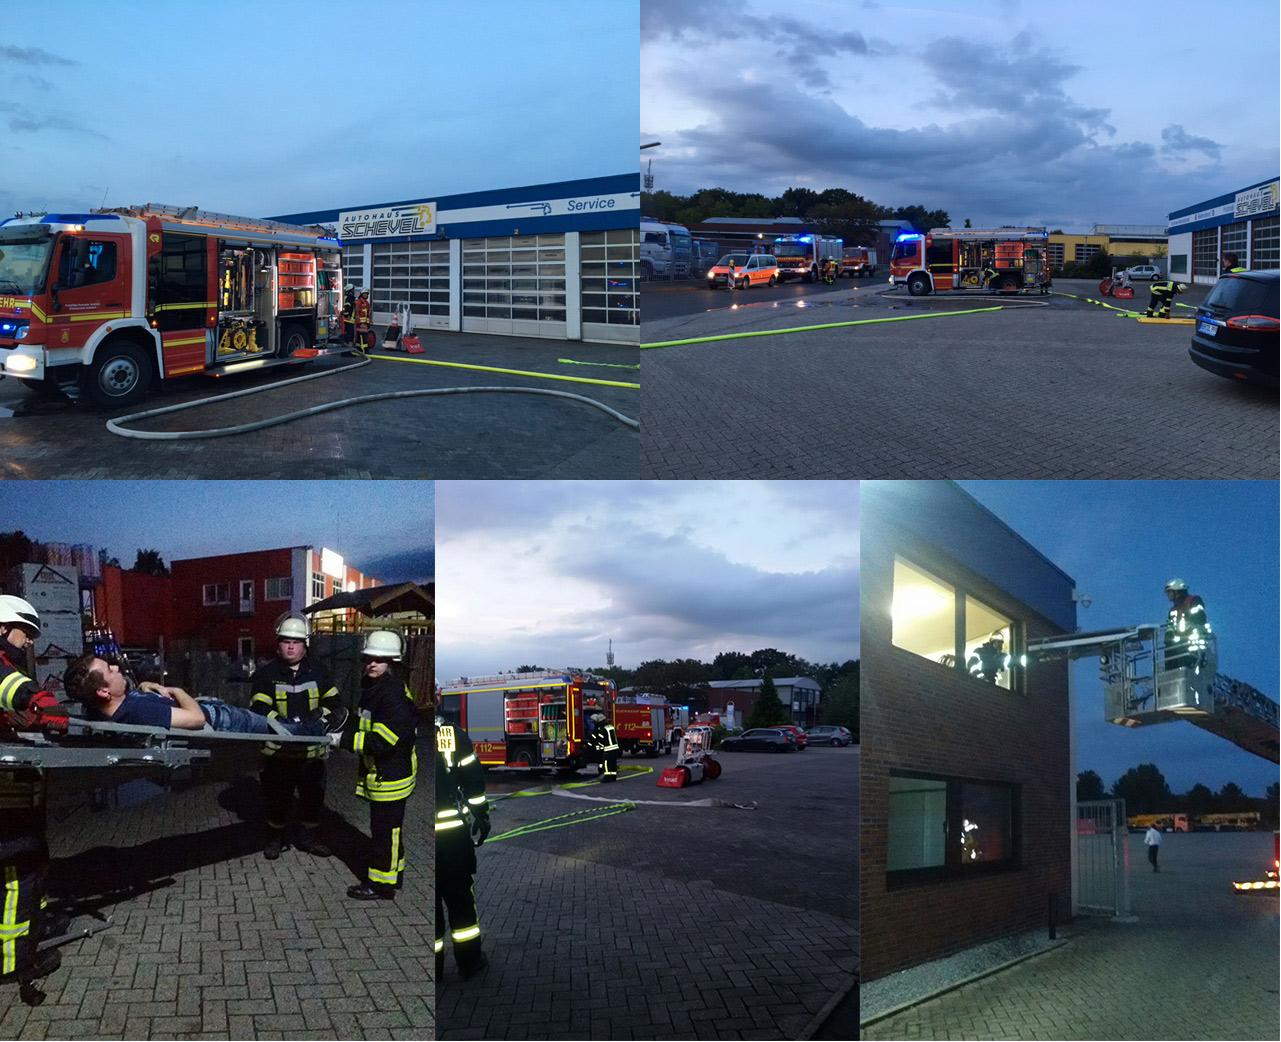 Freiwillige Feuerwehr Schüttorf Einsatz bei Autohaus Schevel